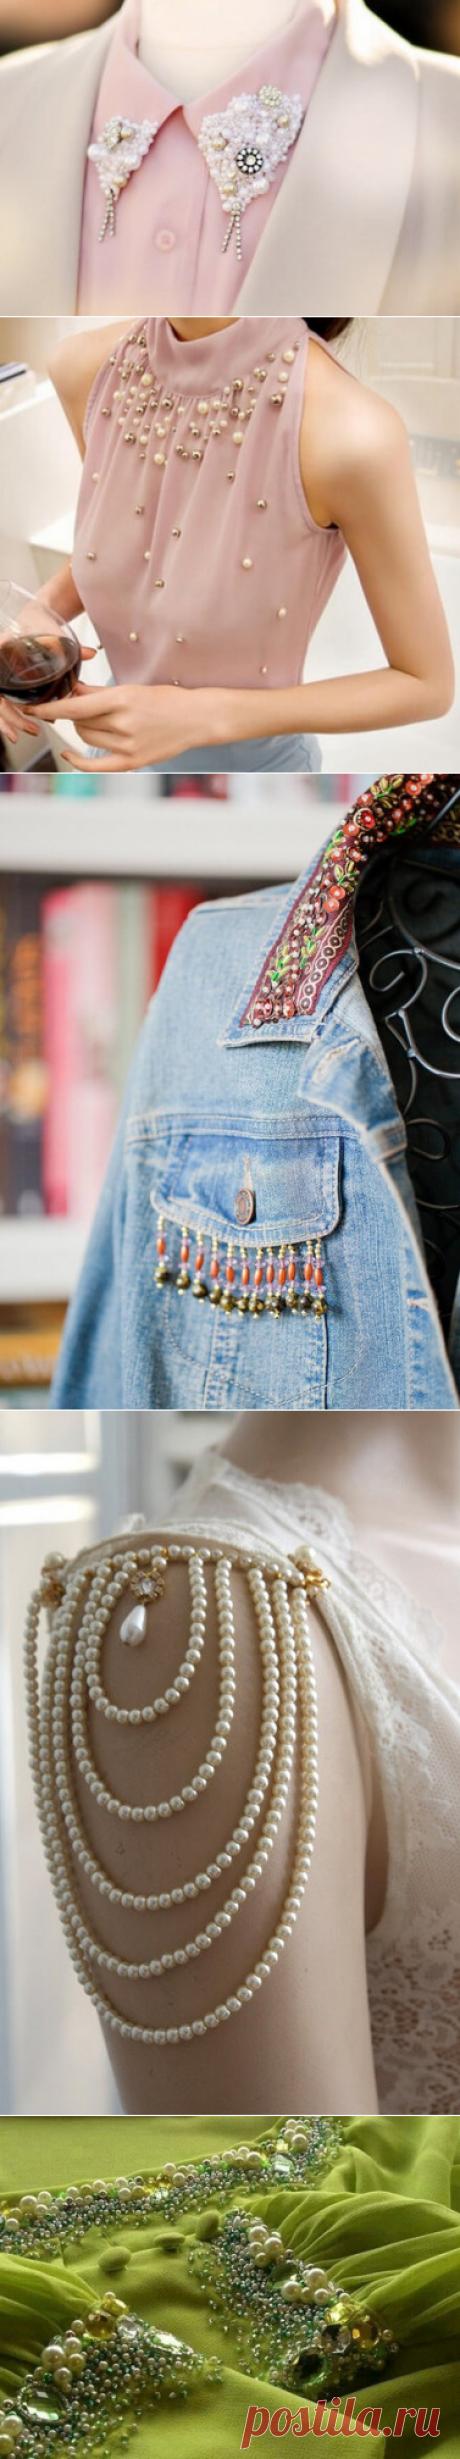 Декор одежды бусинами, бисером и стразами: 33 идеи… | Тысяча и одна идея